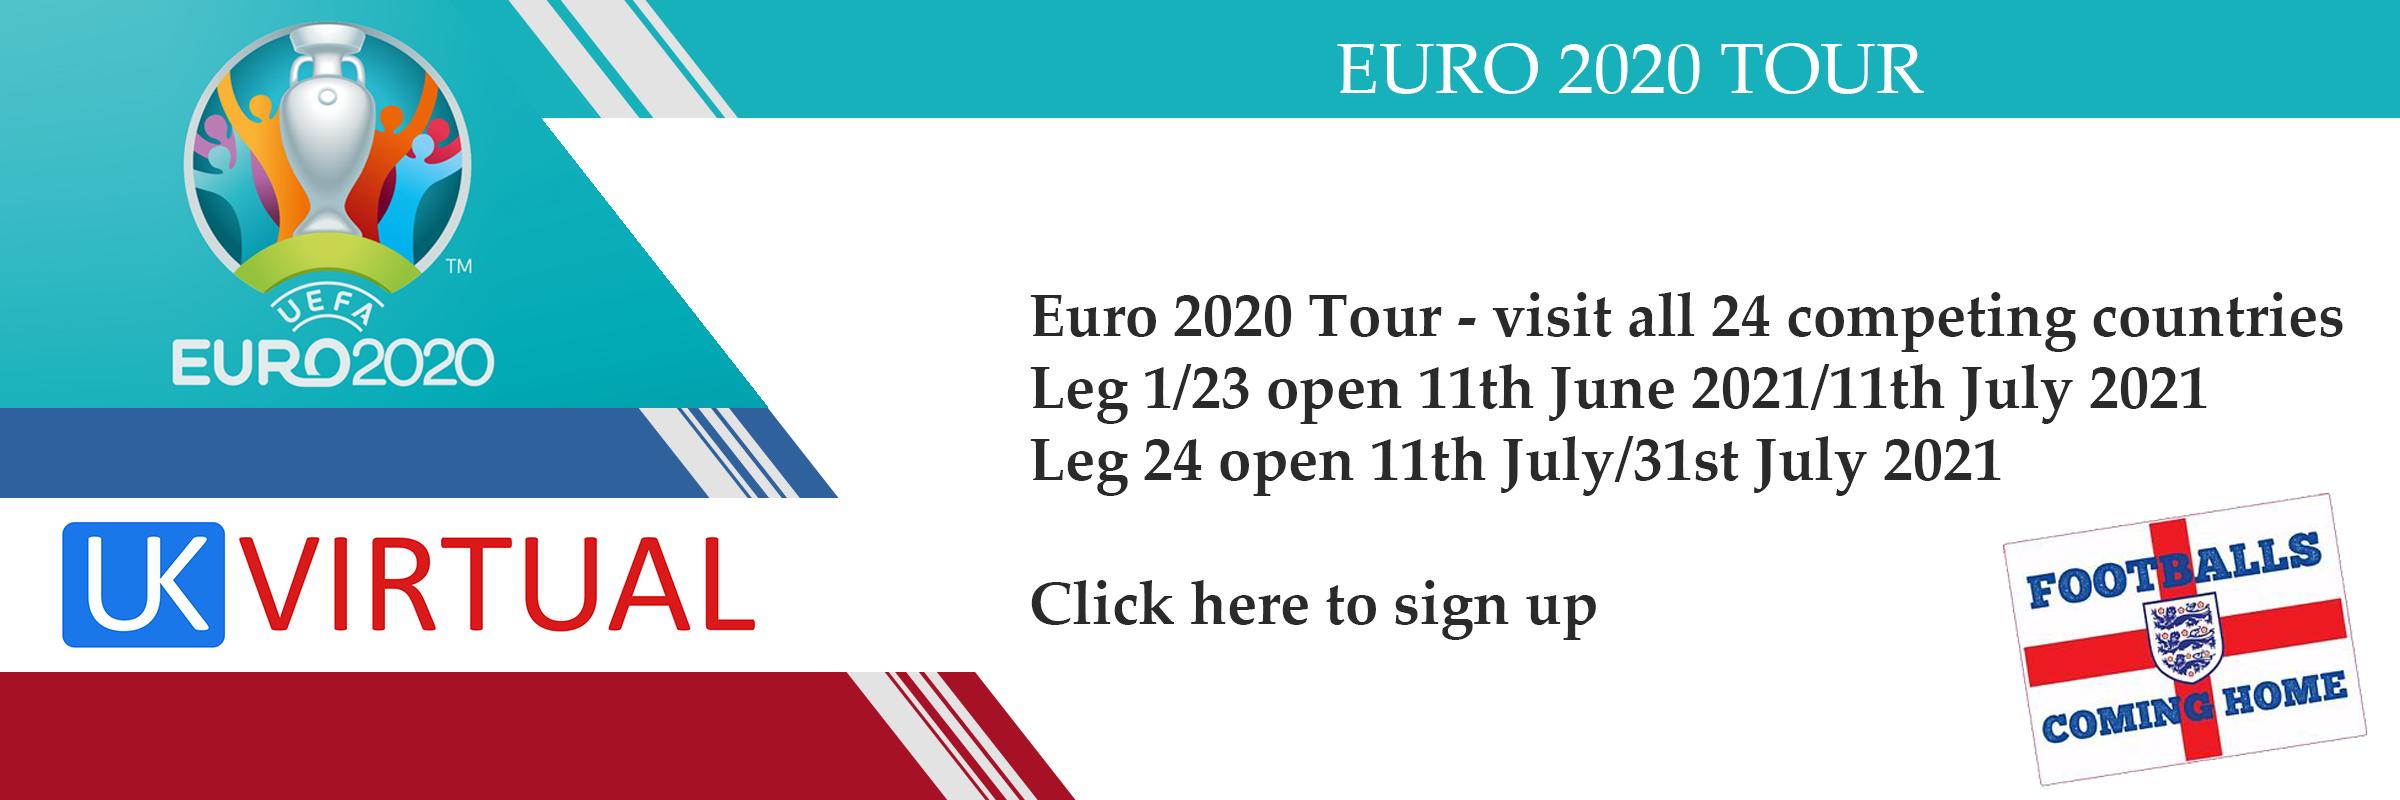 Euro 2020 Tour